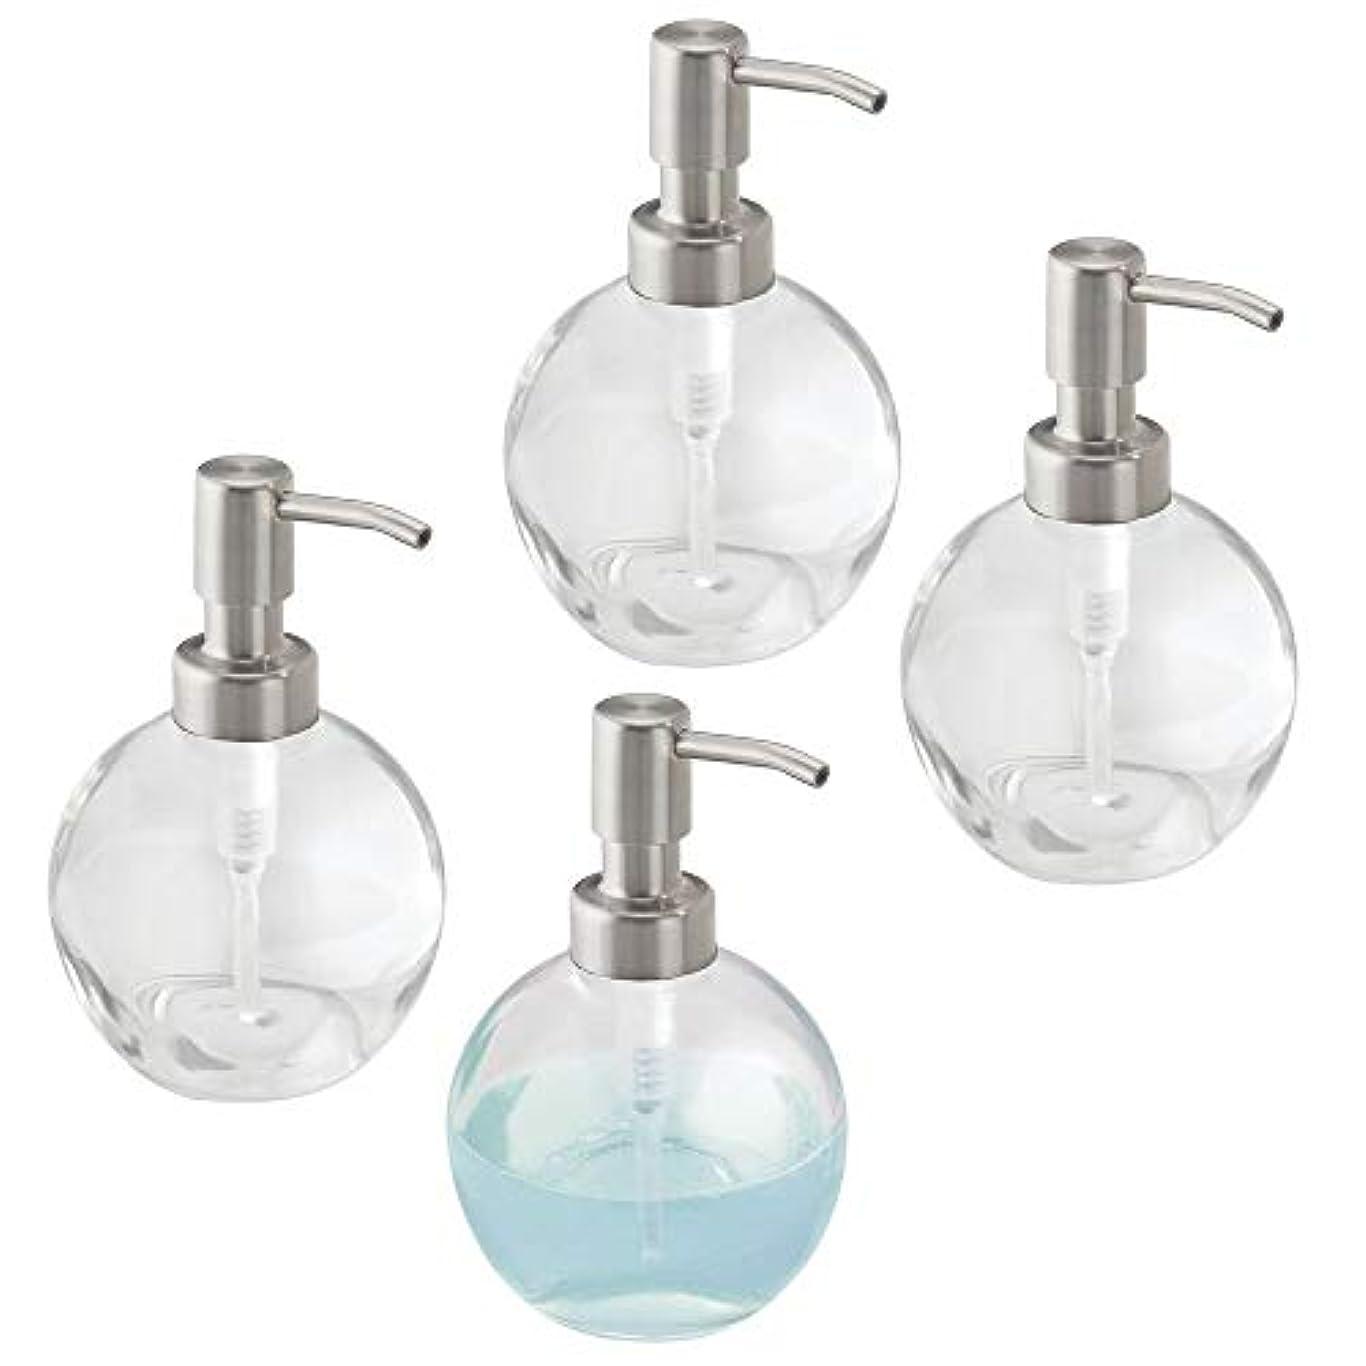 期限切れ王子によるとmDesign Liquid Hand Soapガラスディスペンサーポンプボトルのキッチン、バスルーム|もCan Be Used For Hand Lotion & Essential Oils – 4のパック、ラウンド...